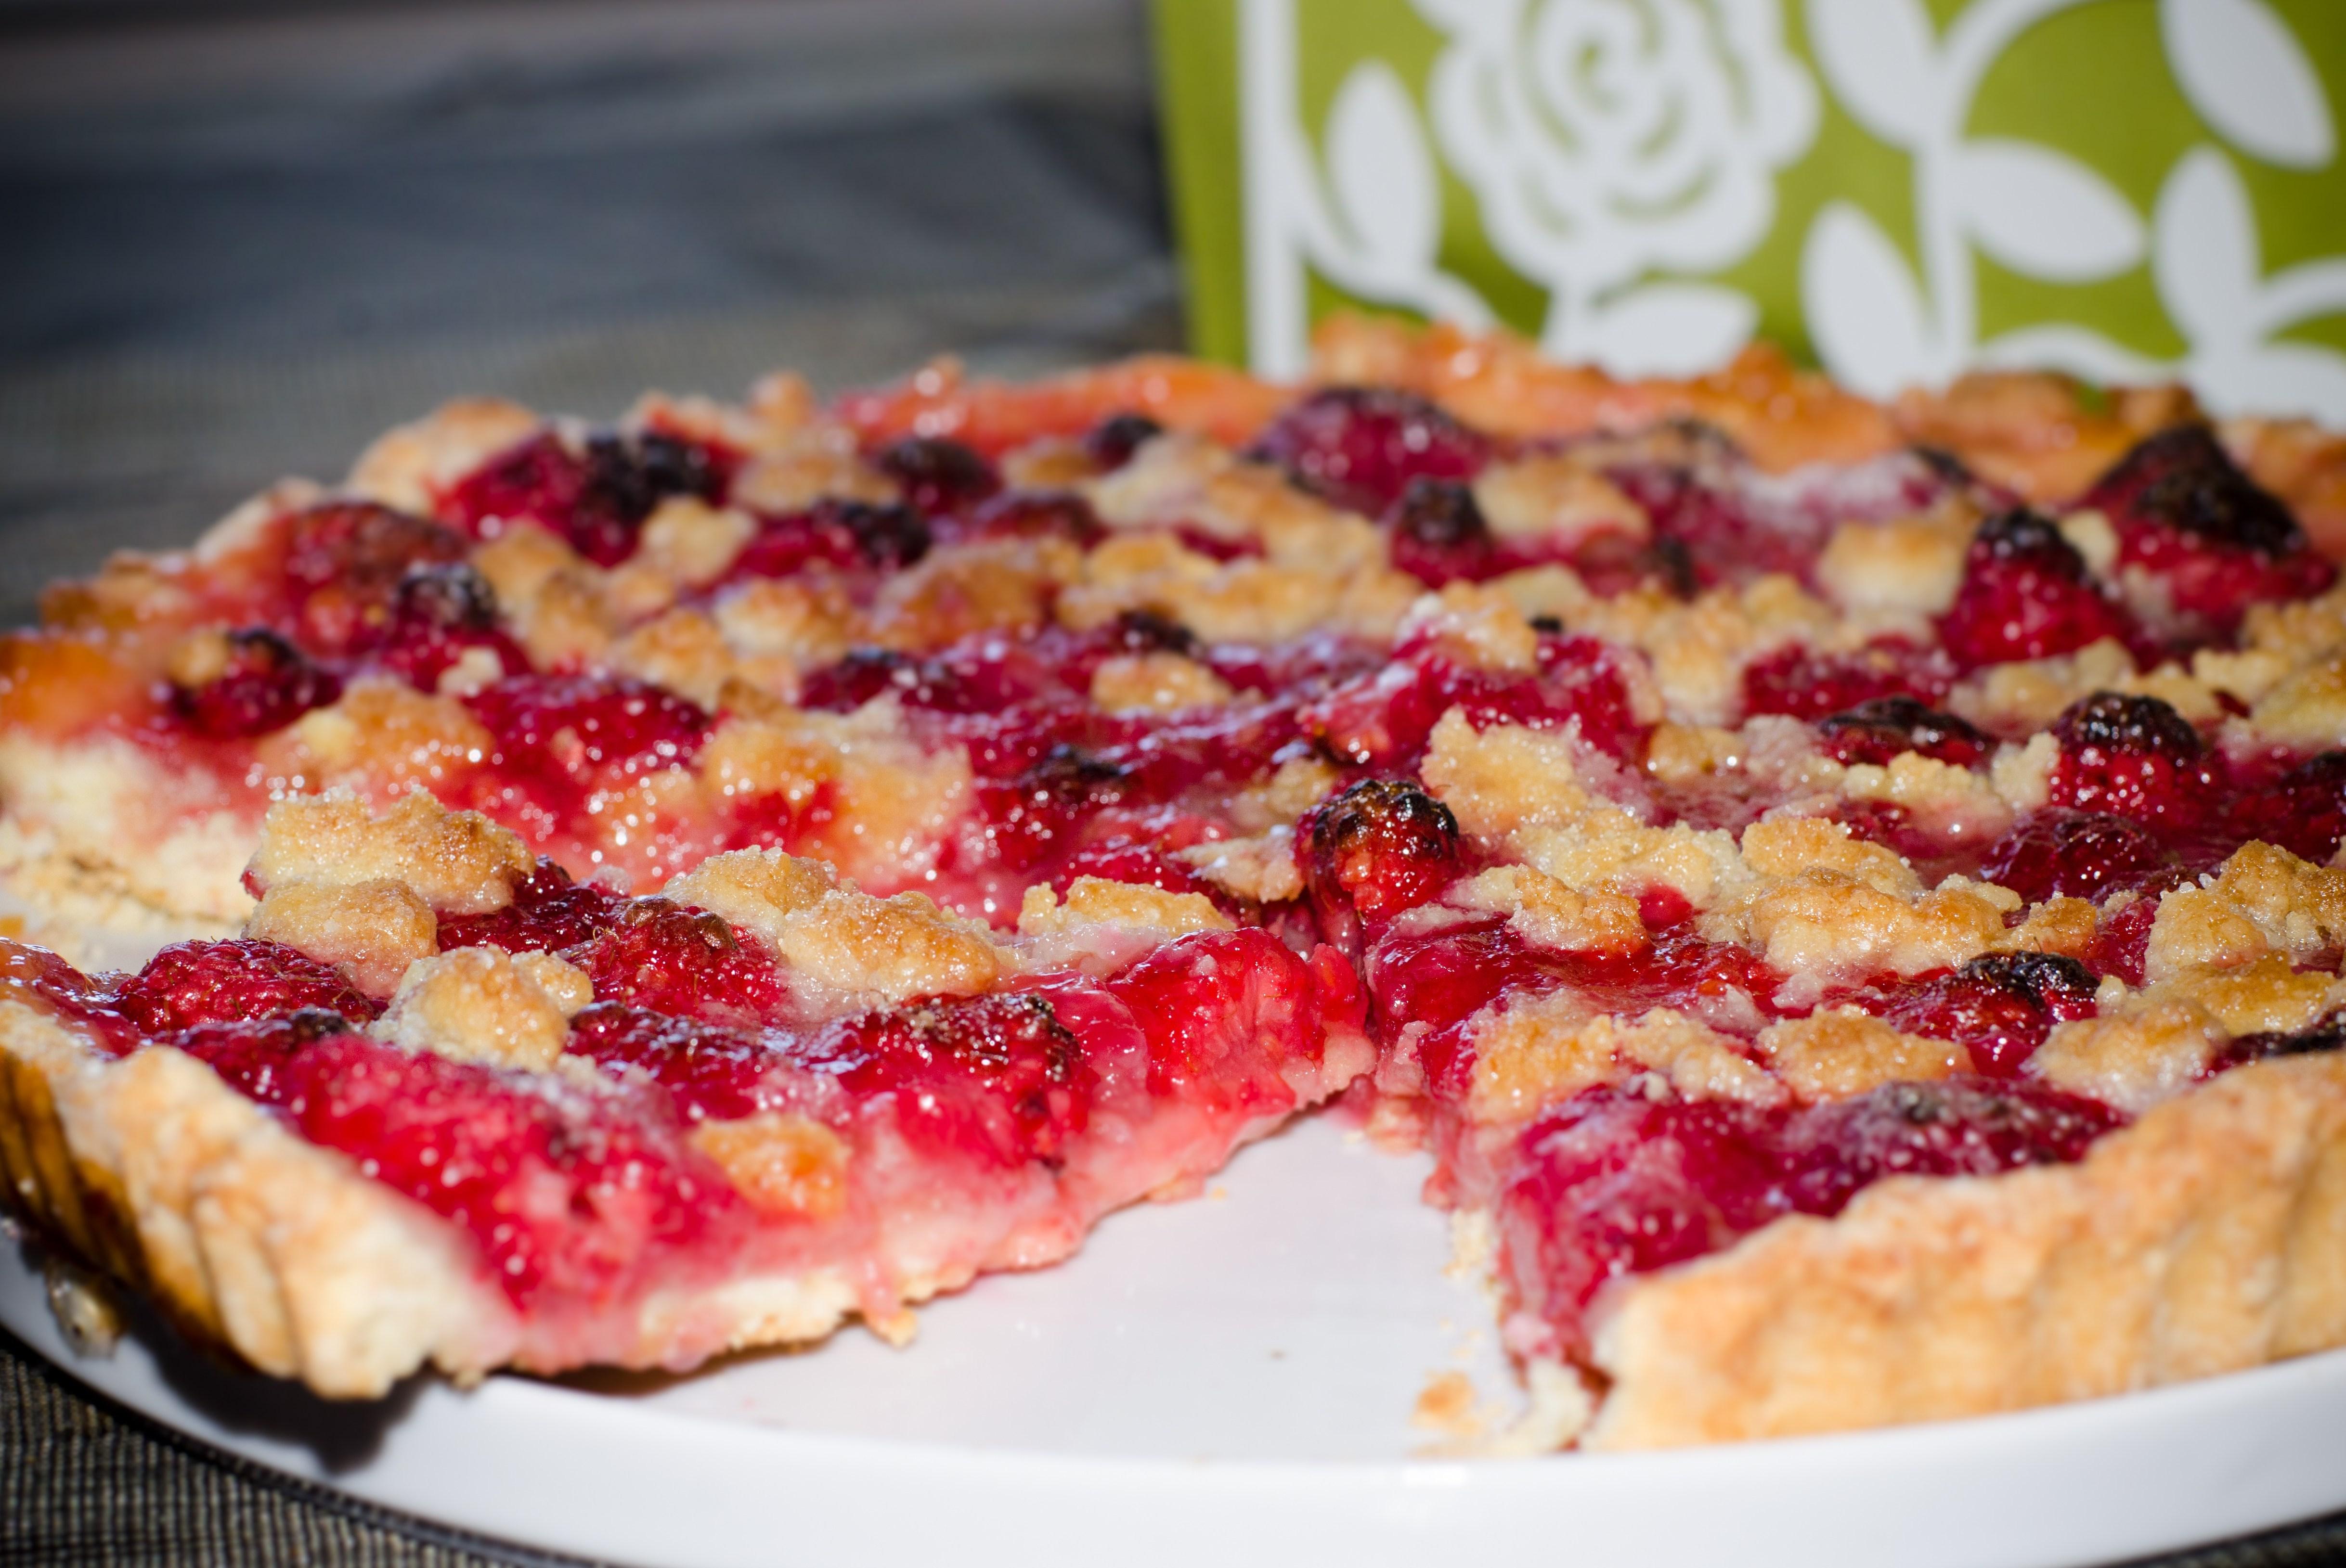 Рецепт пирога с малиновым вареньем в духовке пошагово